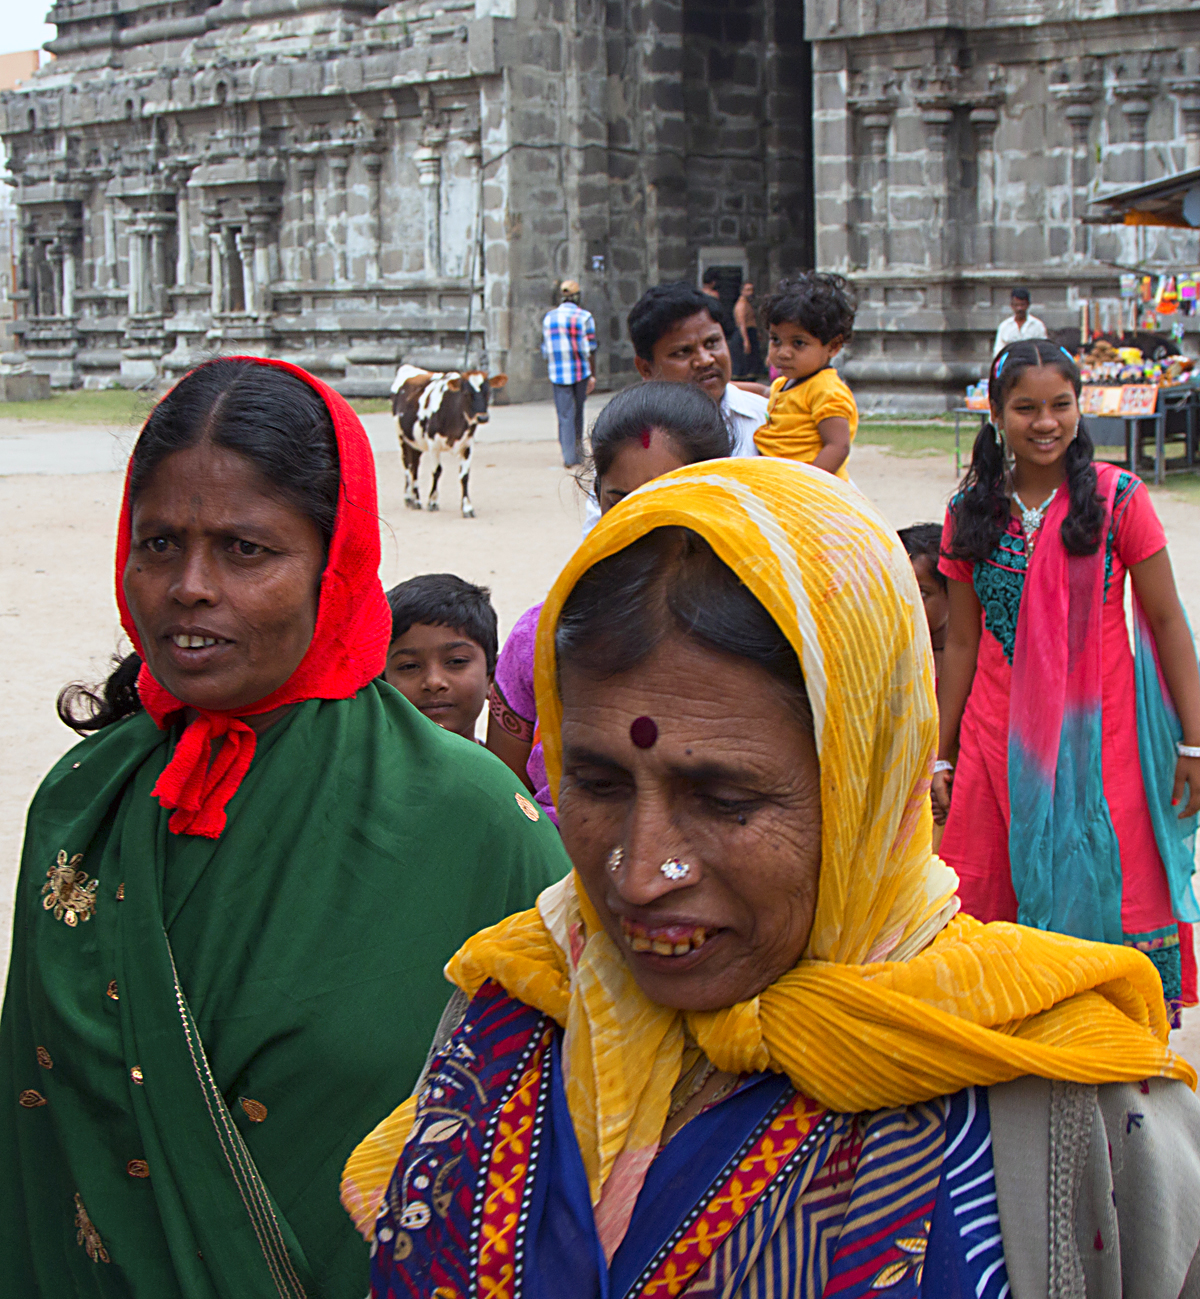 INDIEN Chennai Menschen Tempel FINEST-onTour 7470-1.jpg